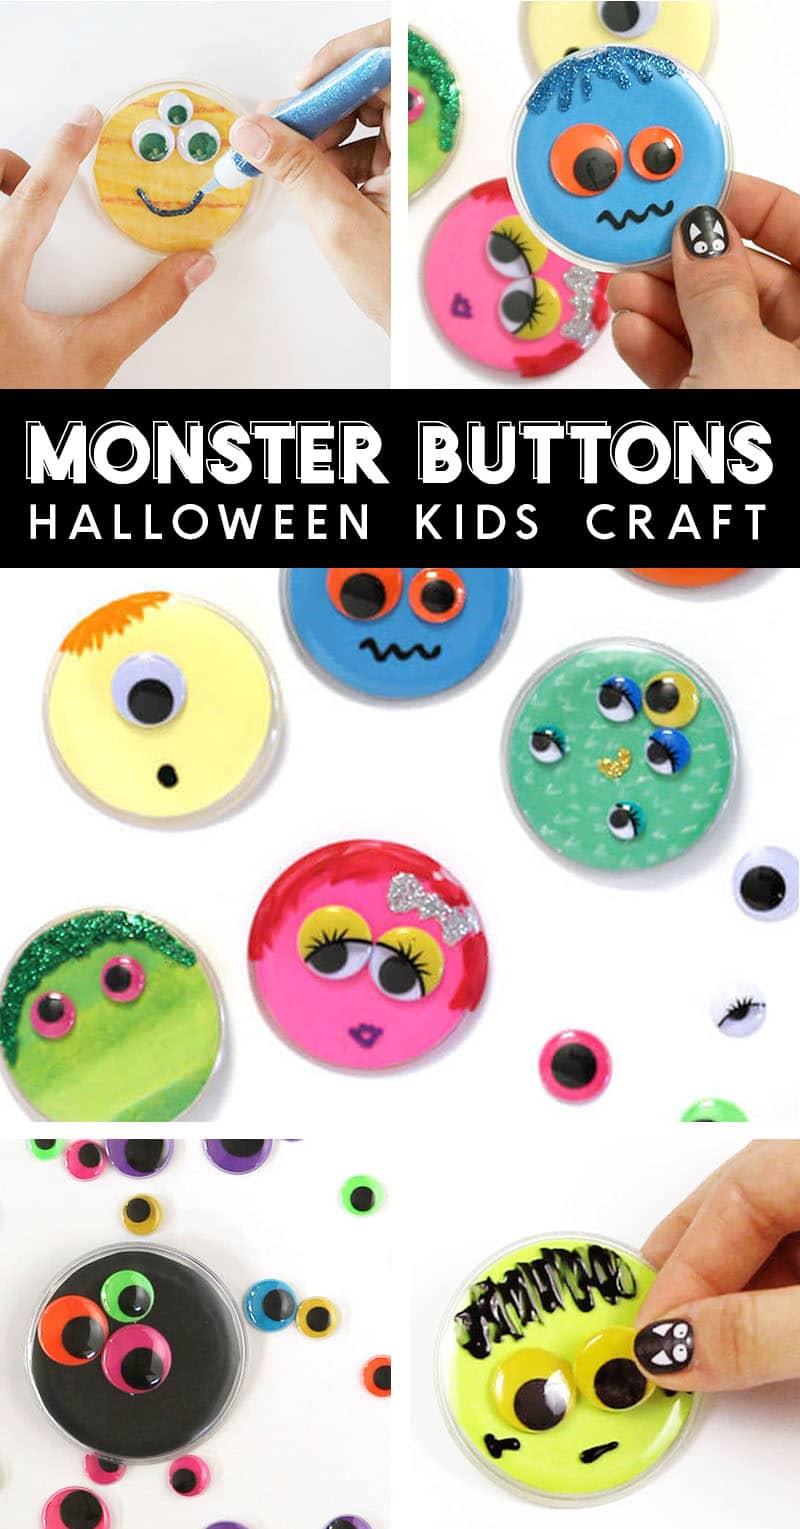 diy monster buttons halloween kids craft idea